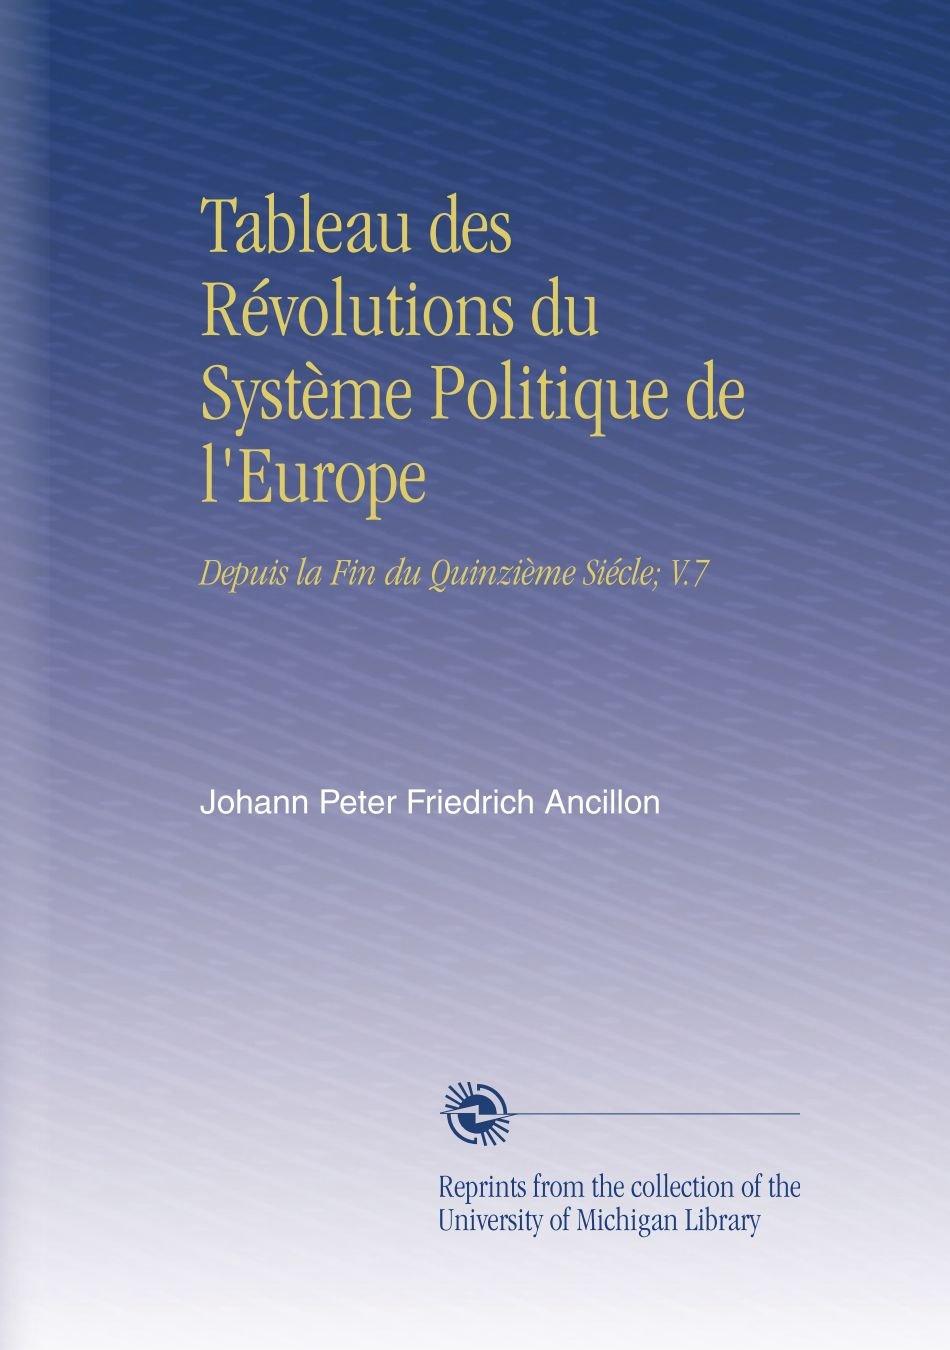 Tableau des Révolutions du Système Politique de l'Europe: Depuis la Fin du Quinzième Siécle; V.7 (French Edition) ebook